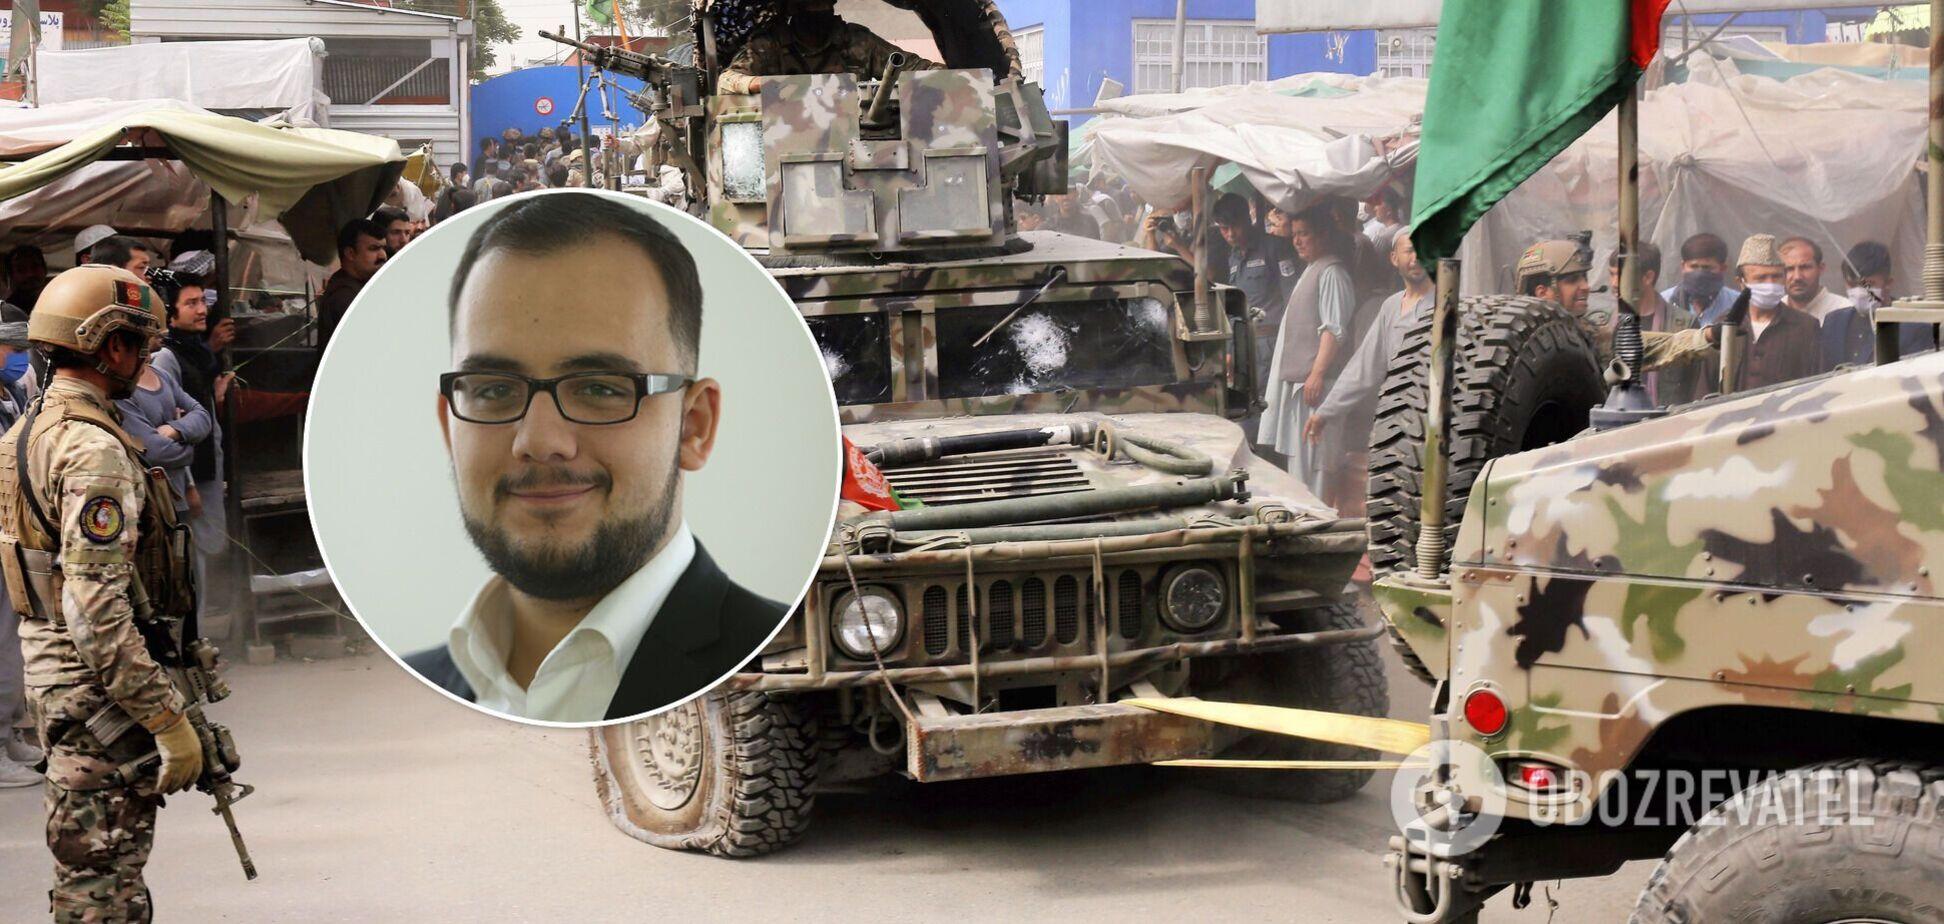 Готов ли Талибан к терактам: эксперт озвучил прогноз